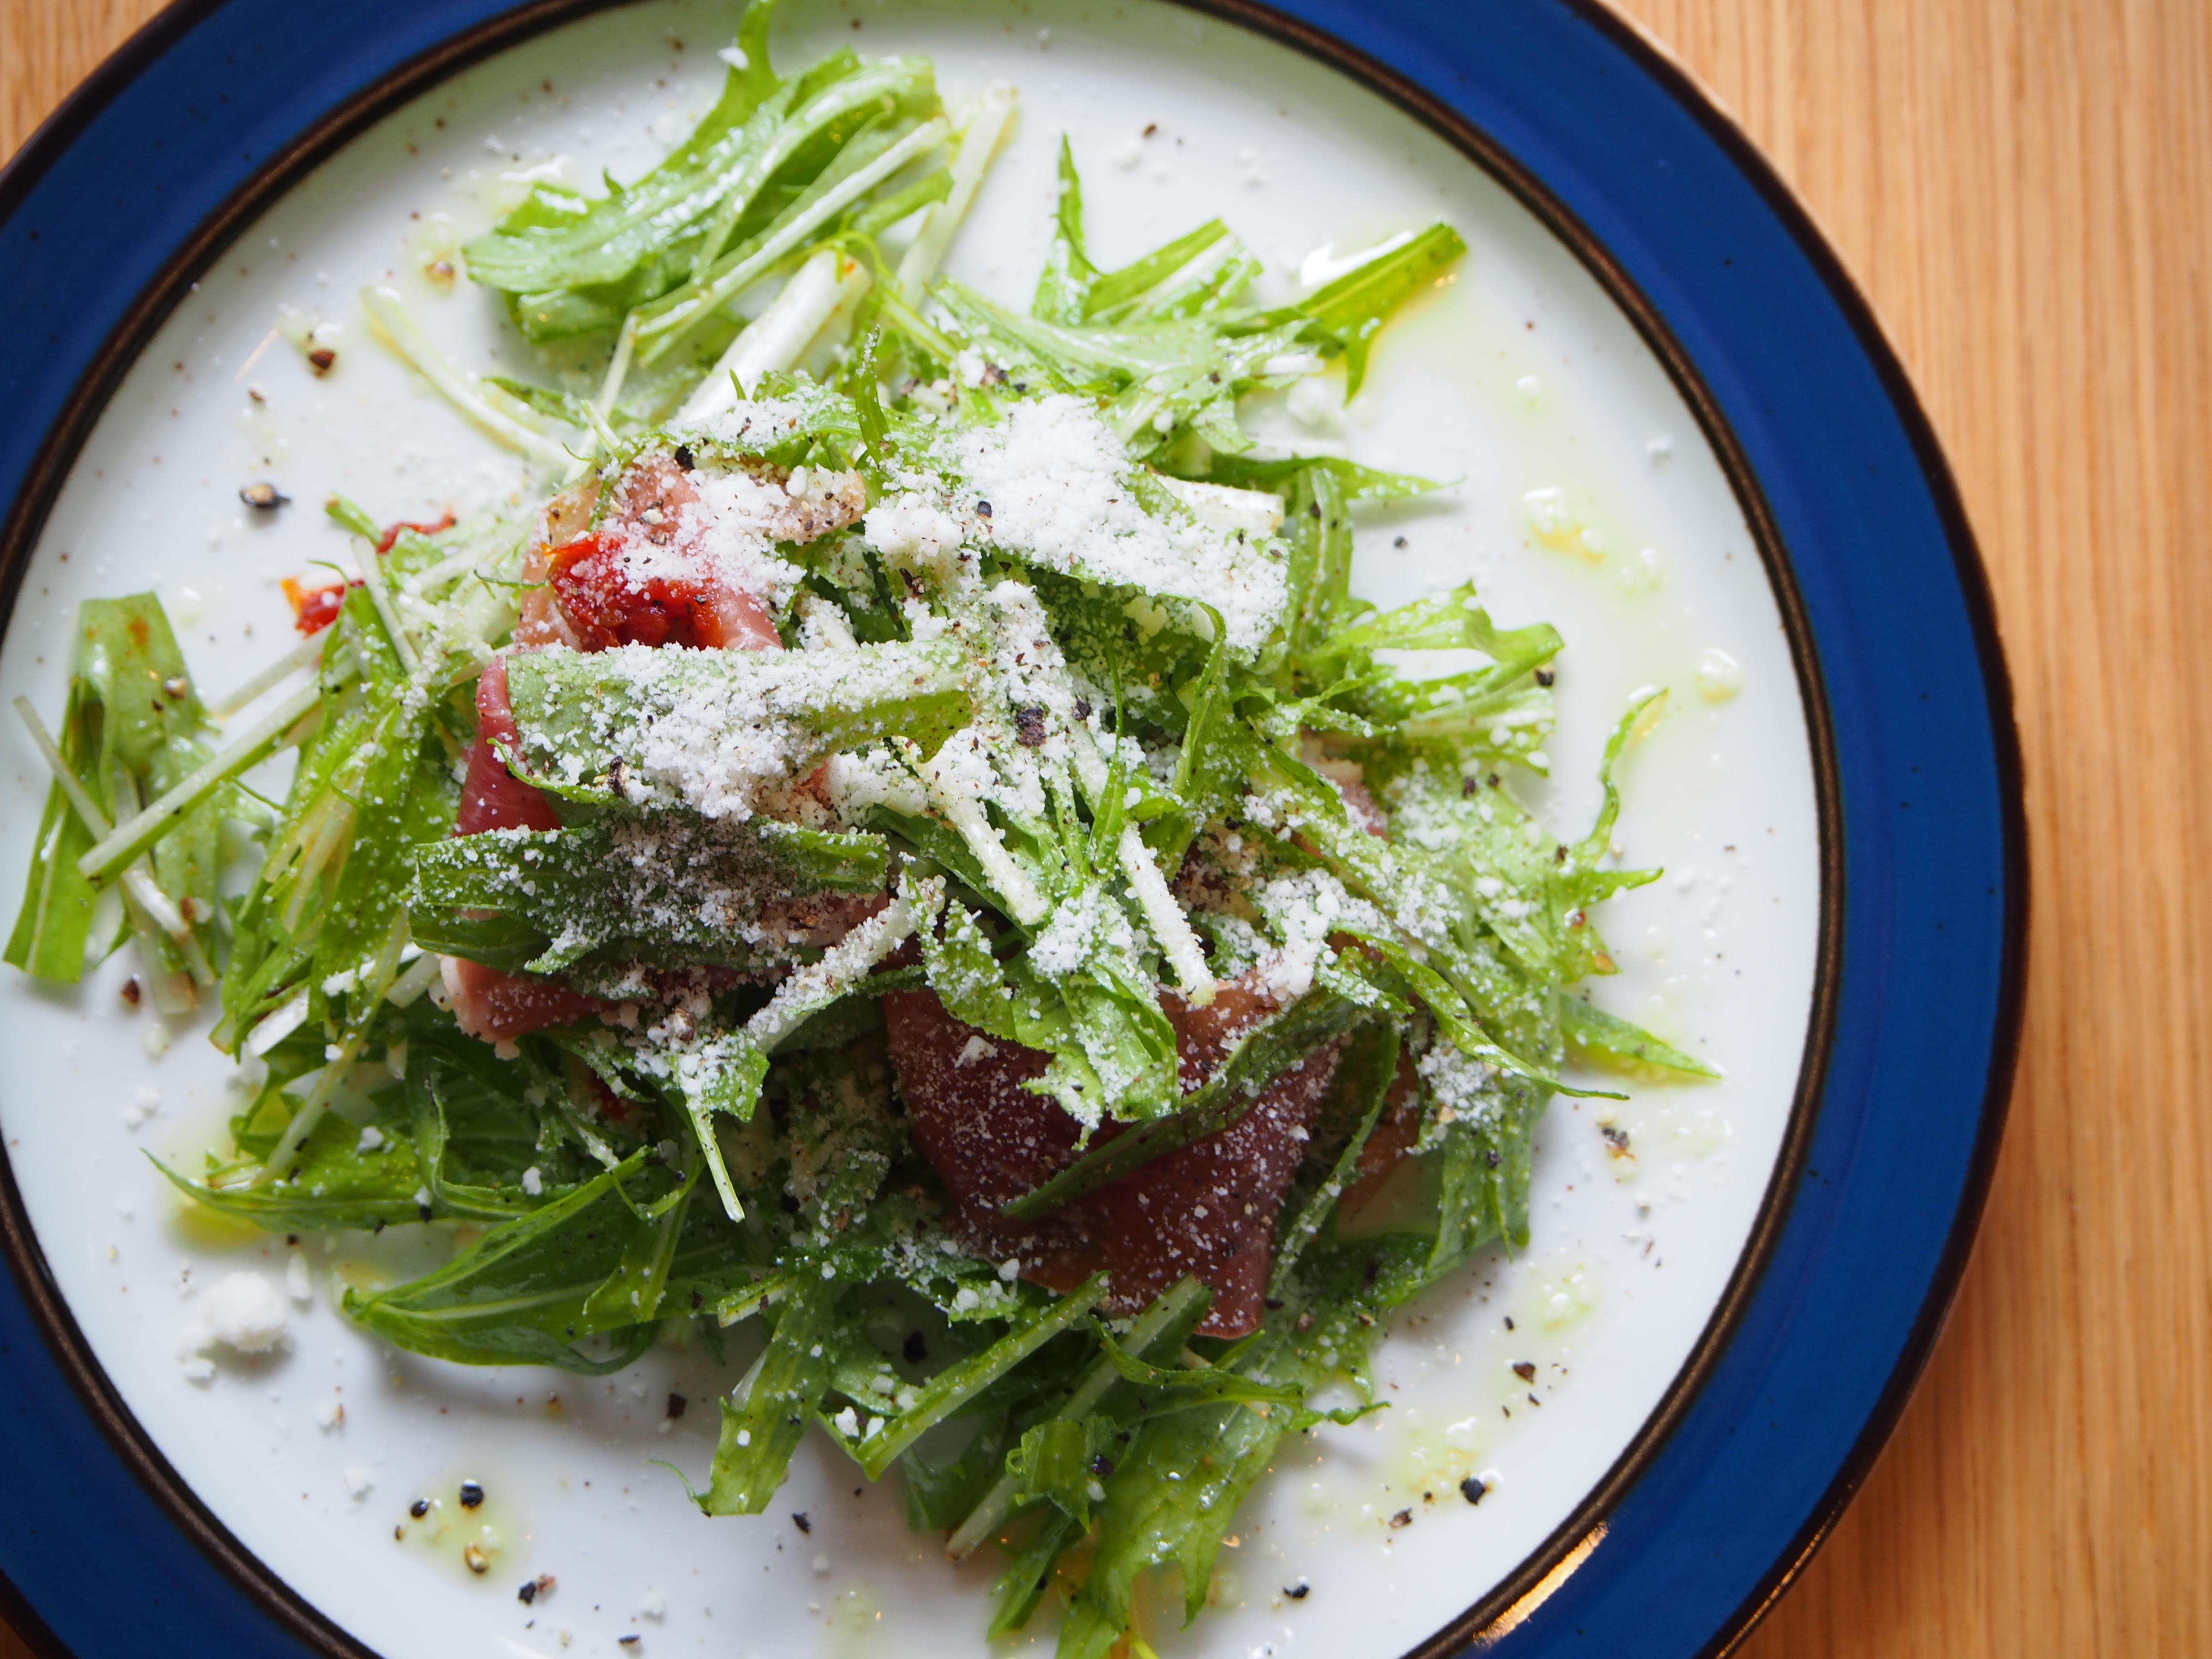 野菜ソムリエが厳選する旬の特選素材を丁寧に調理します